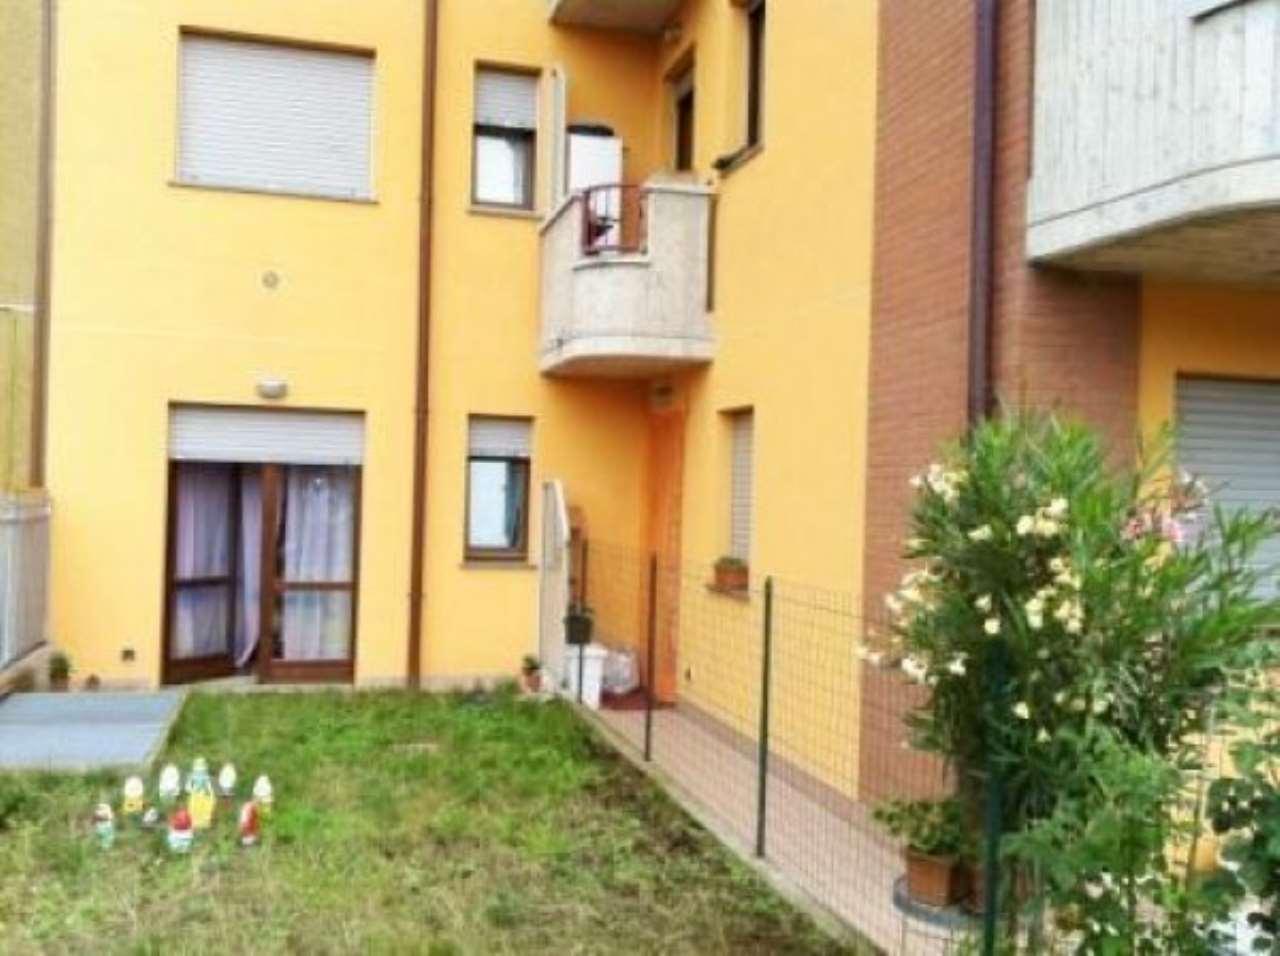 Appartamento in vendita a Gerenzano, 3 locali, prezzo € 185.000 | CambioCasa.it